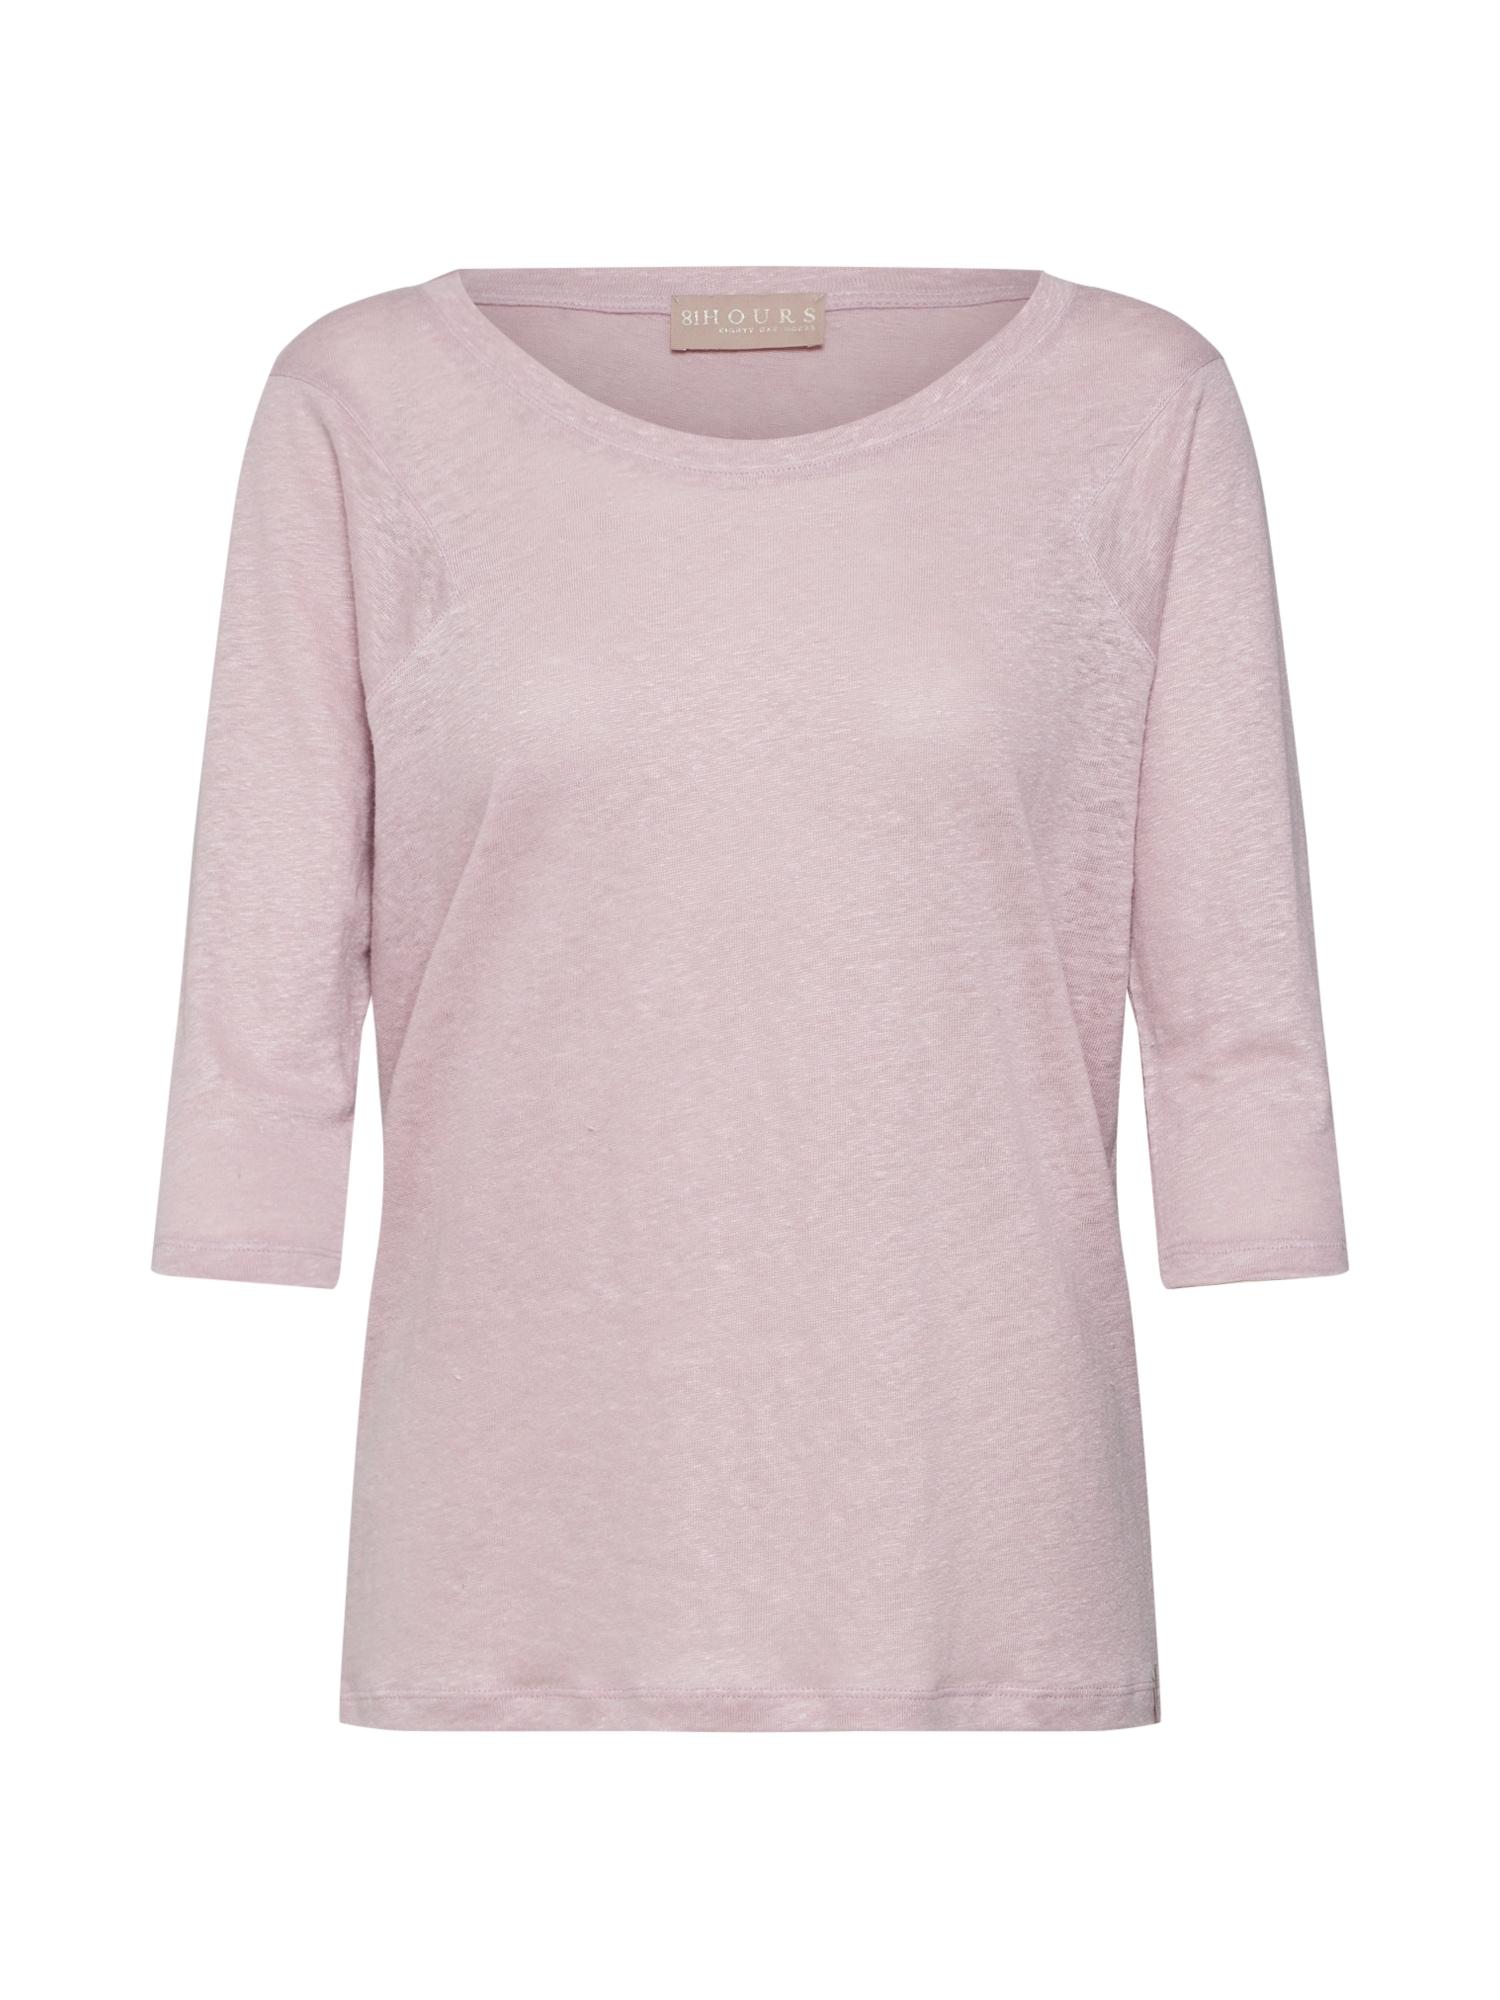 Tričko Pegah růžová 81HOURS